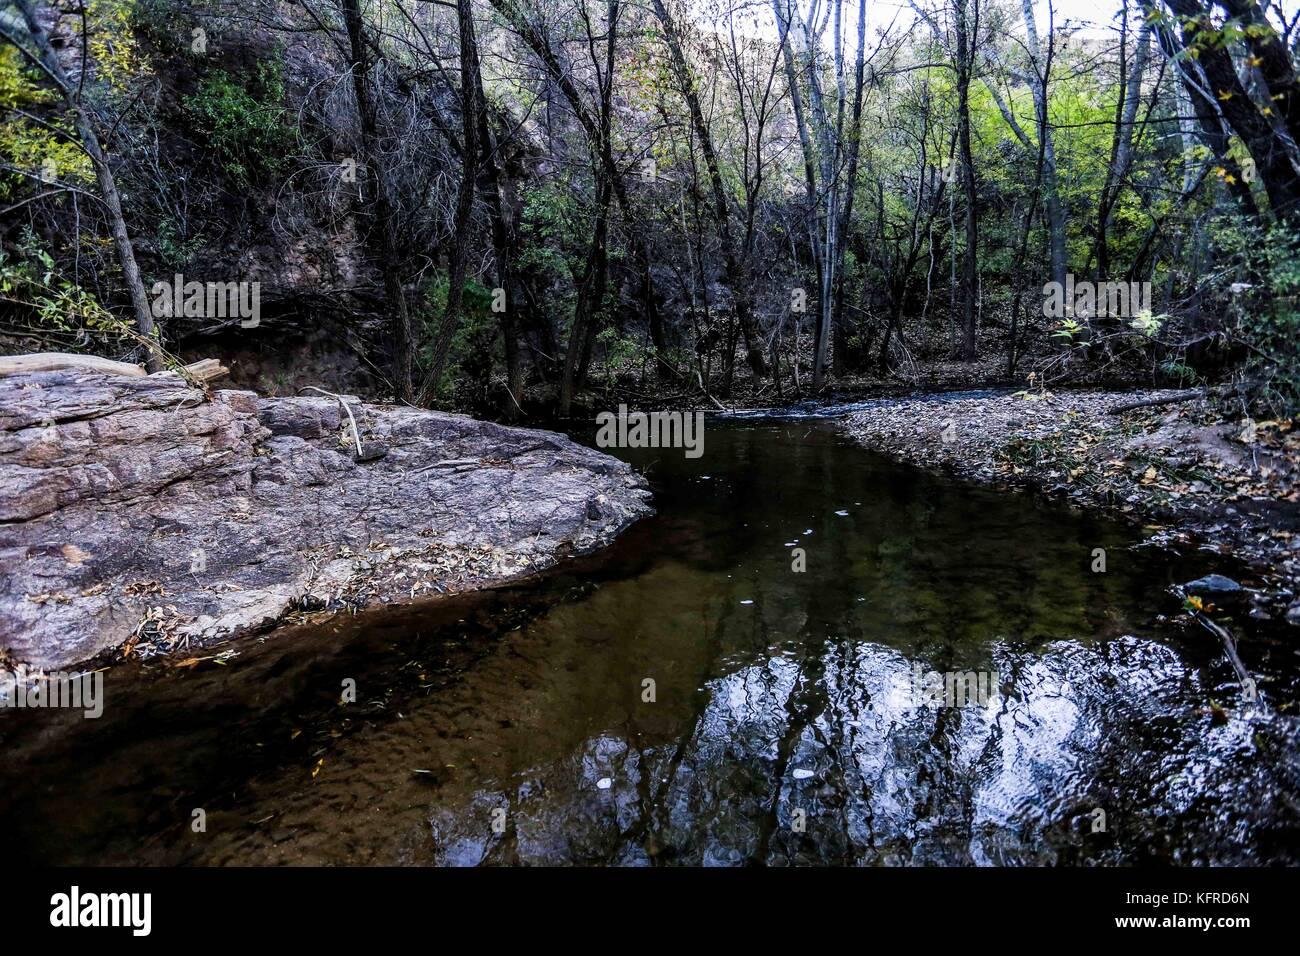 Canadian Beaver Dams Ecosystem in the Cuenca los Ojos in Agua Prieta, Sonora,  Mexico.  Castor nada en dique. - Stock Image